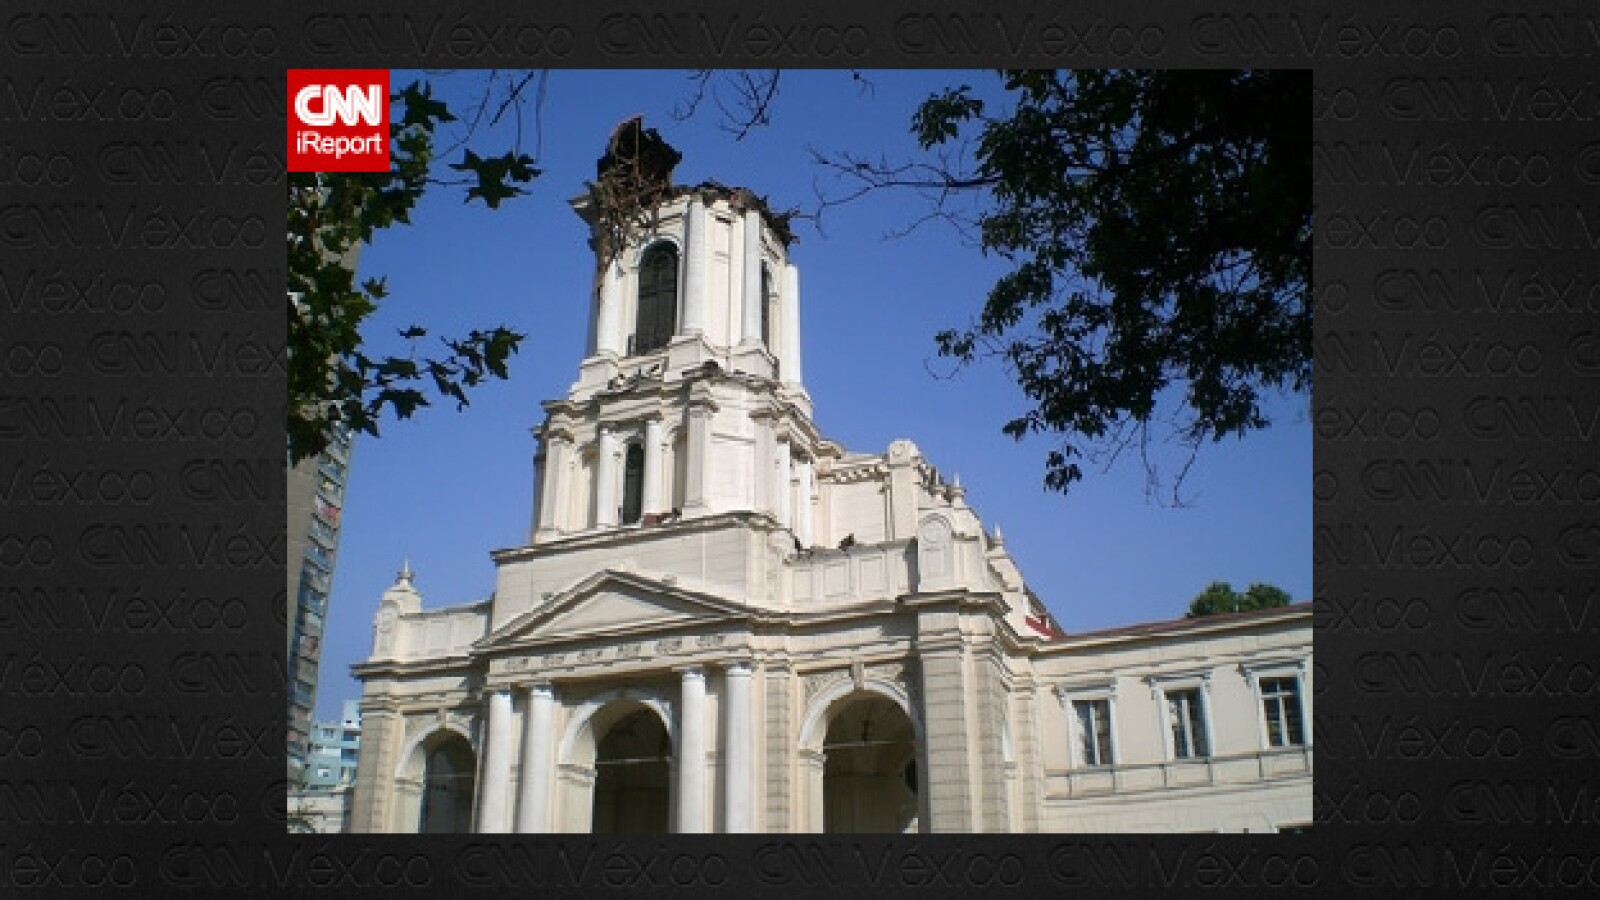 La Iglesia de la Divina Providencia sufrió daños en su torre